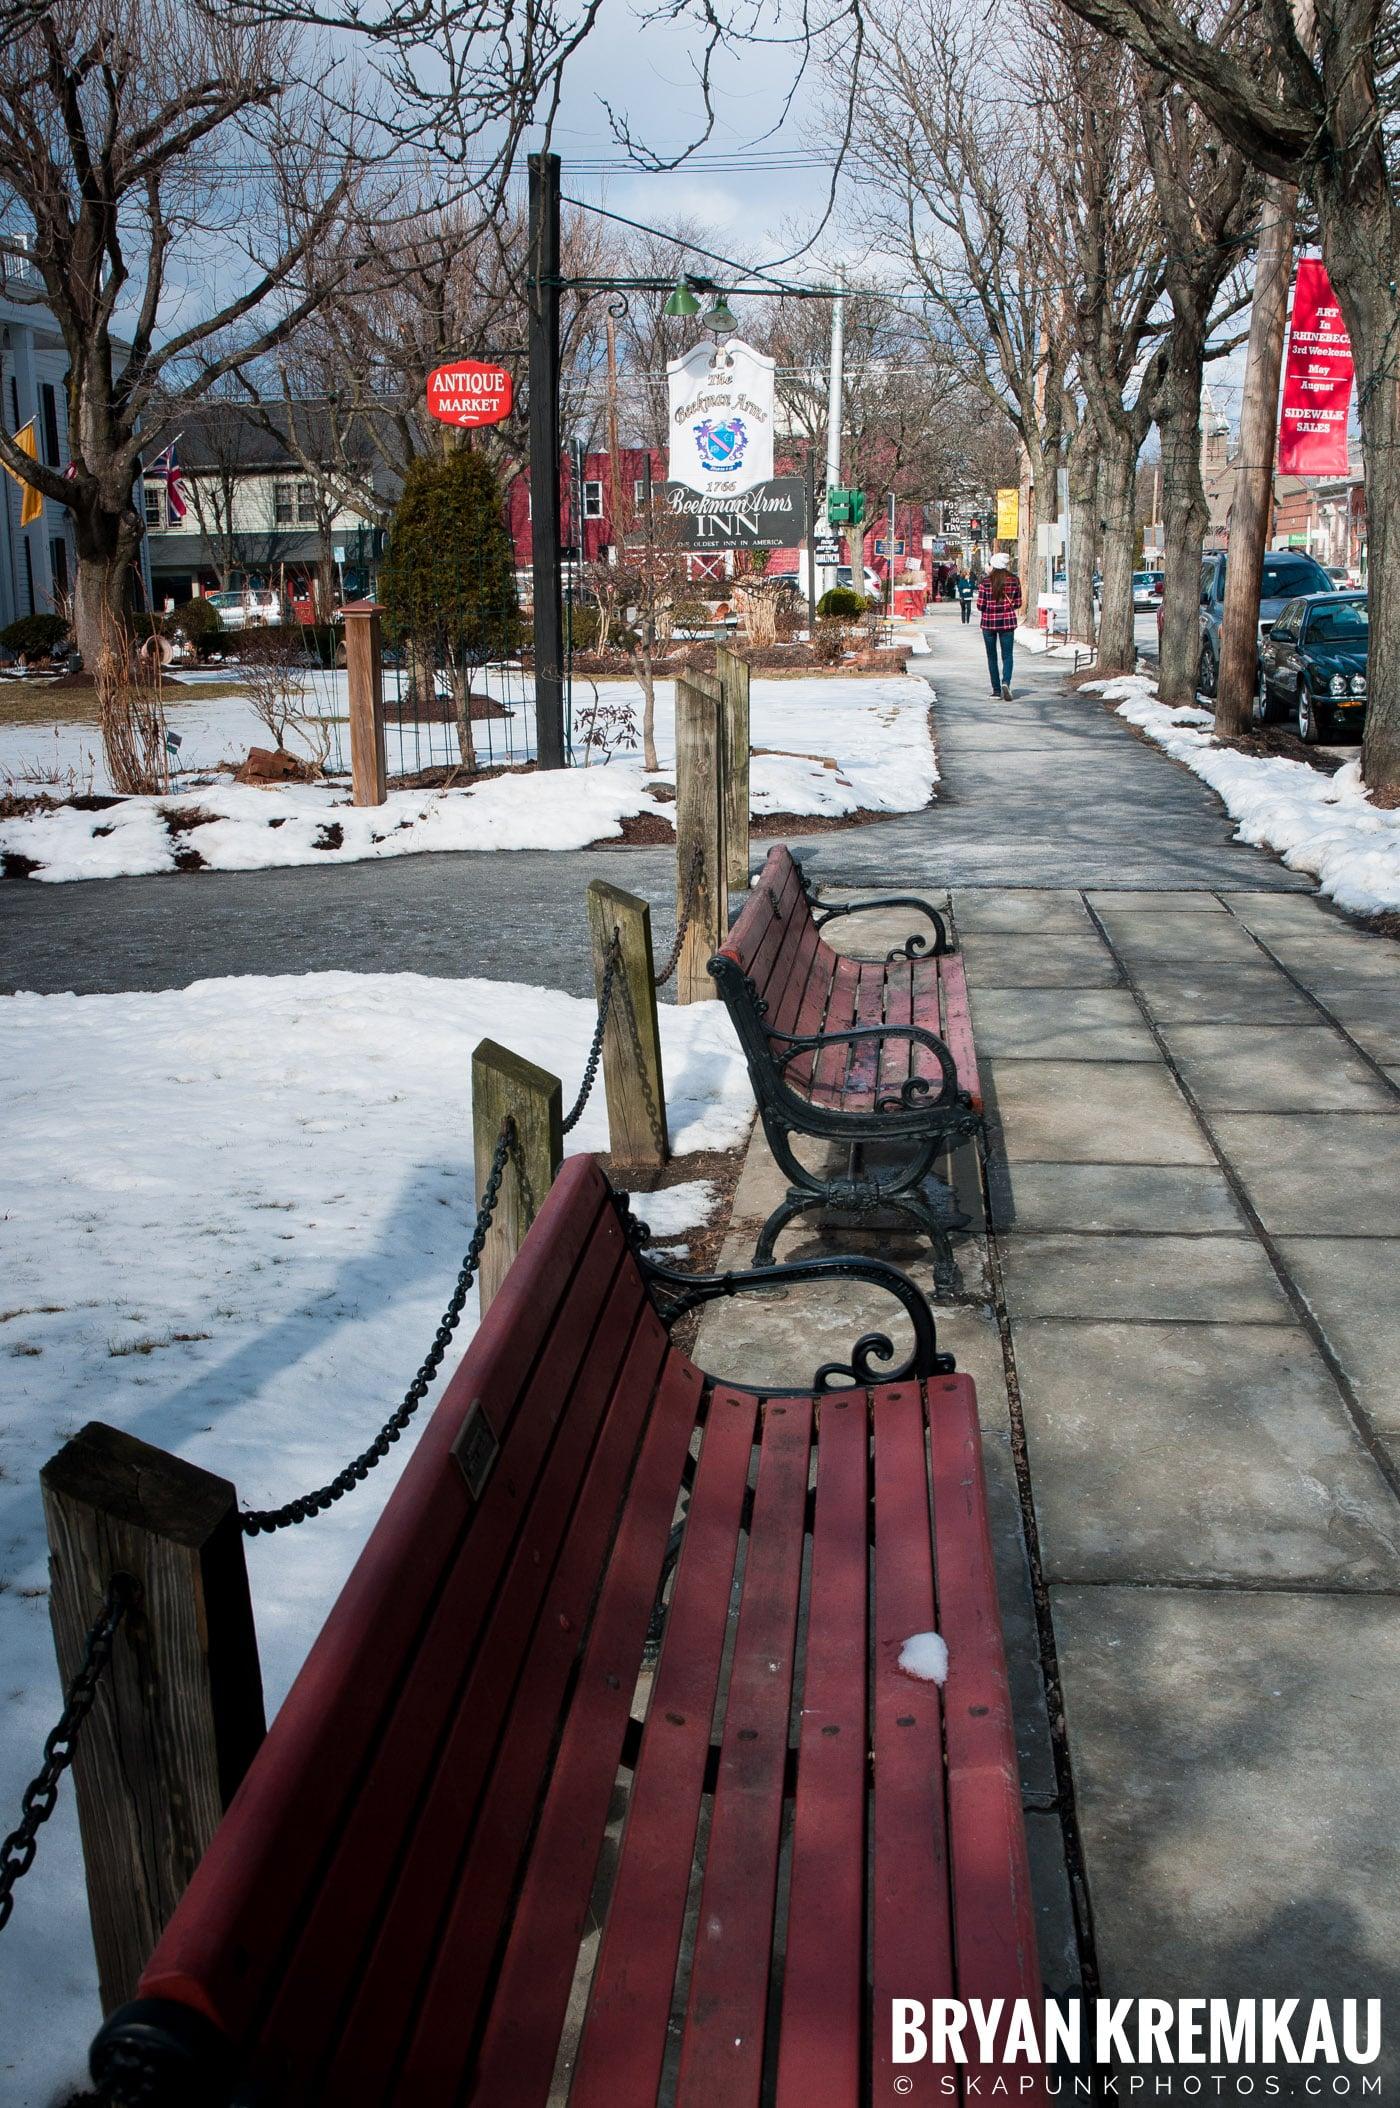 Valentine's Day Trip @ Rhinebeck, FDR's Home, Vanderbilt, Wilderstein Historic Site, NY - 2.14.10 (67)